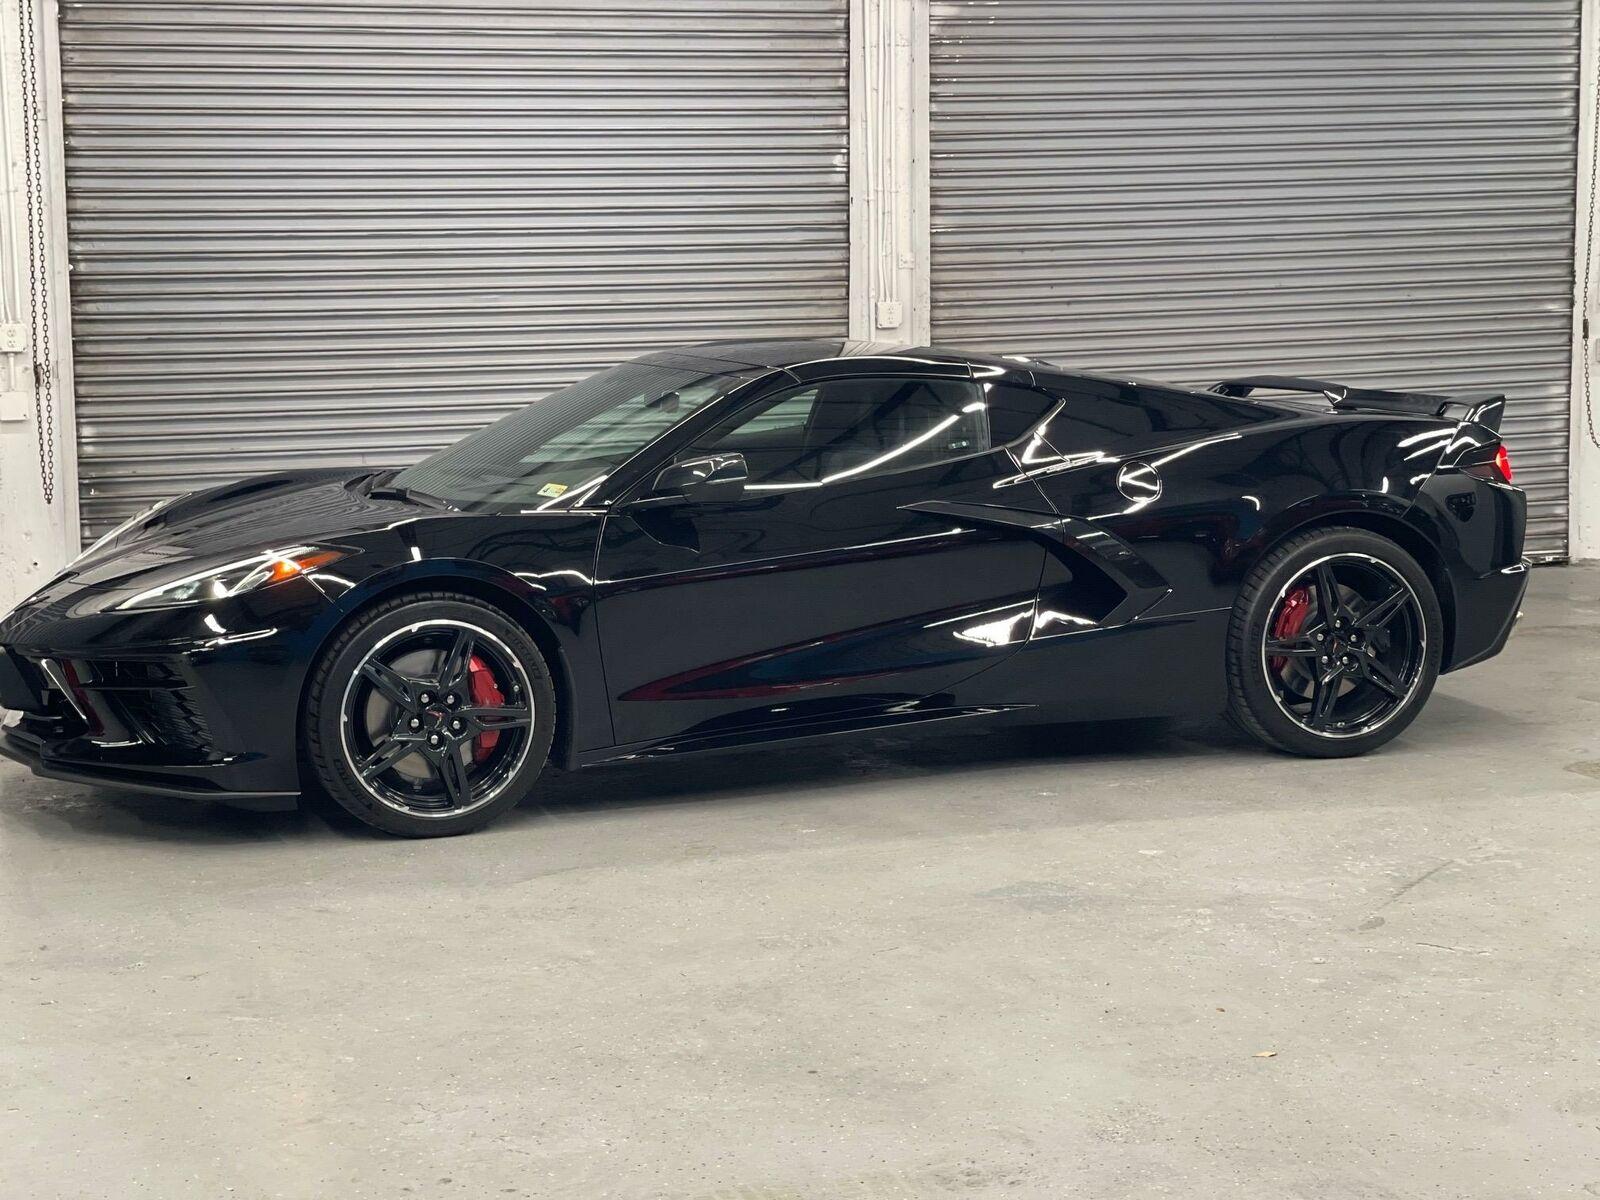 2021 Black Chevrolet Corvette  2LT | C7 Corvette Photo 6